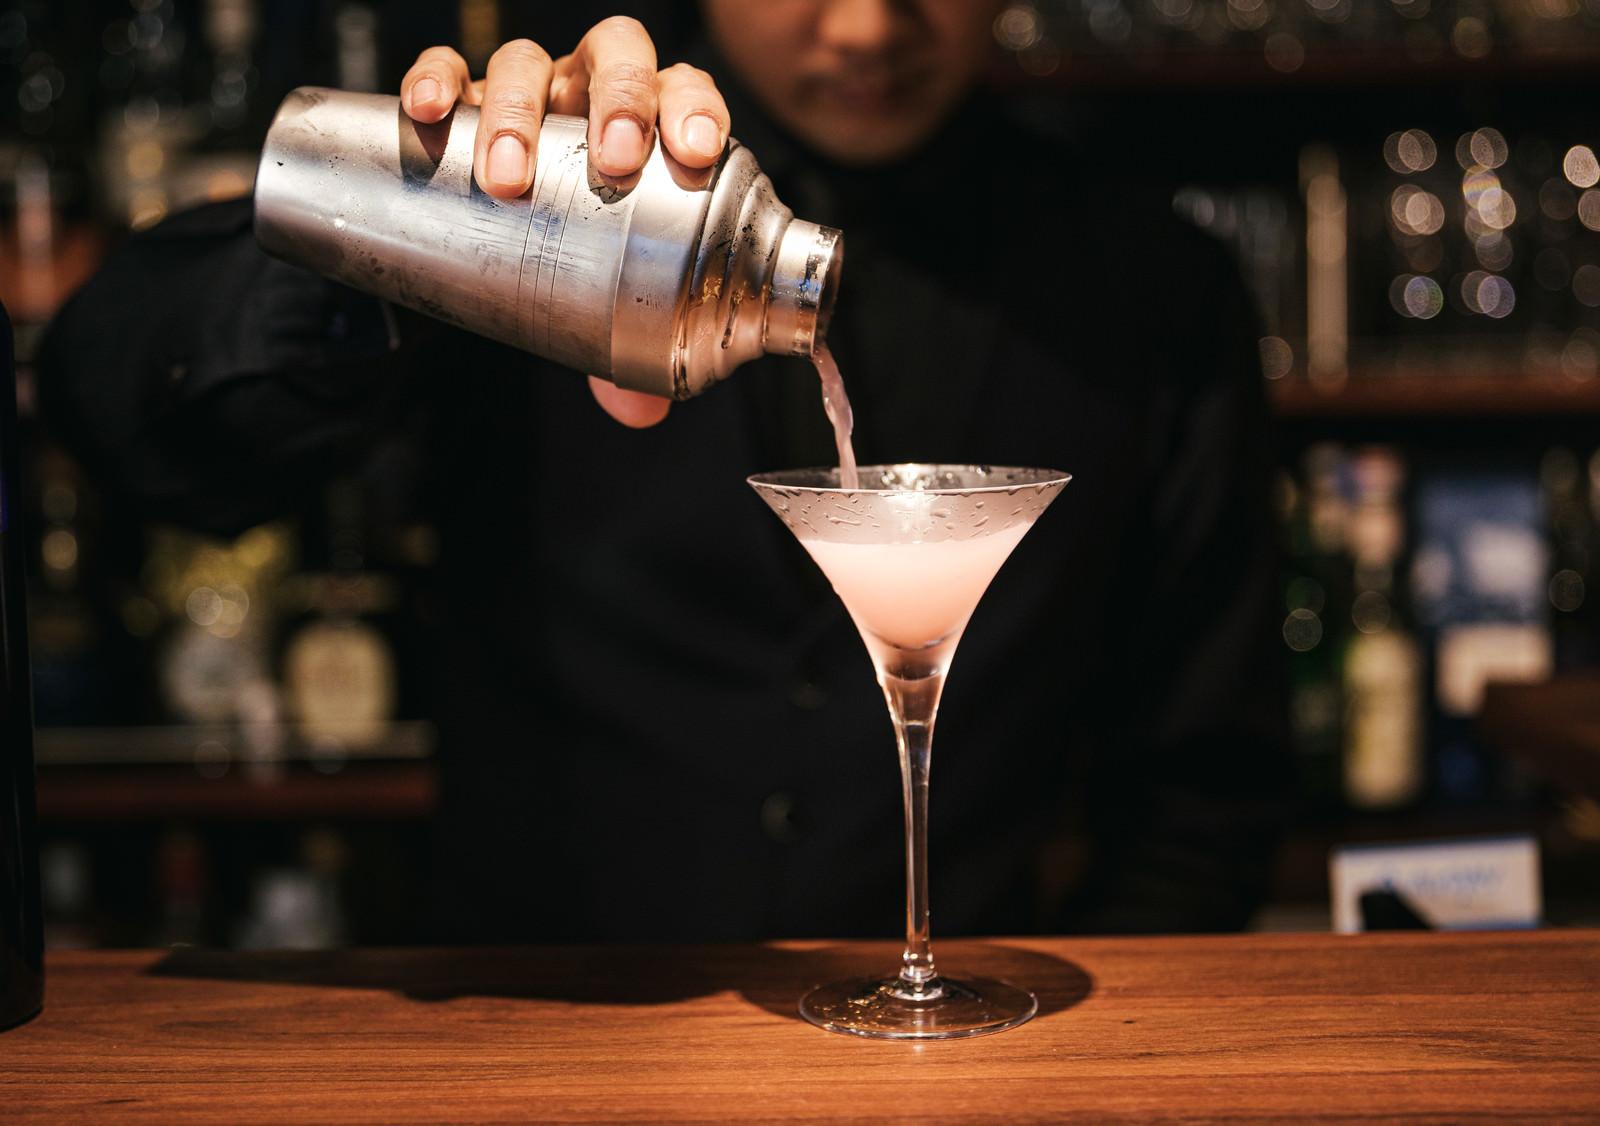 「コスモポリタンカクテルをシェーカーからグラスに注ぐバーテンダー」の写真